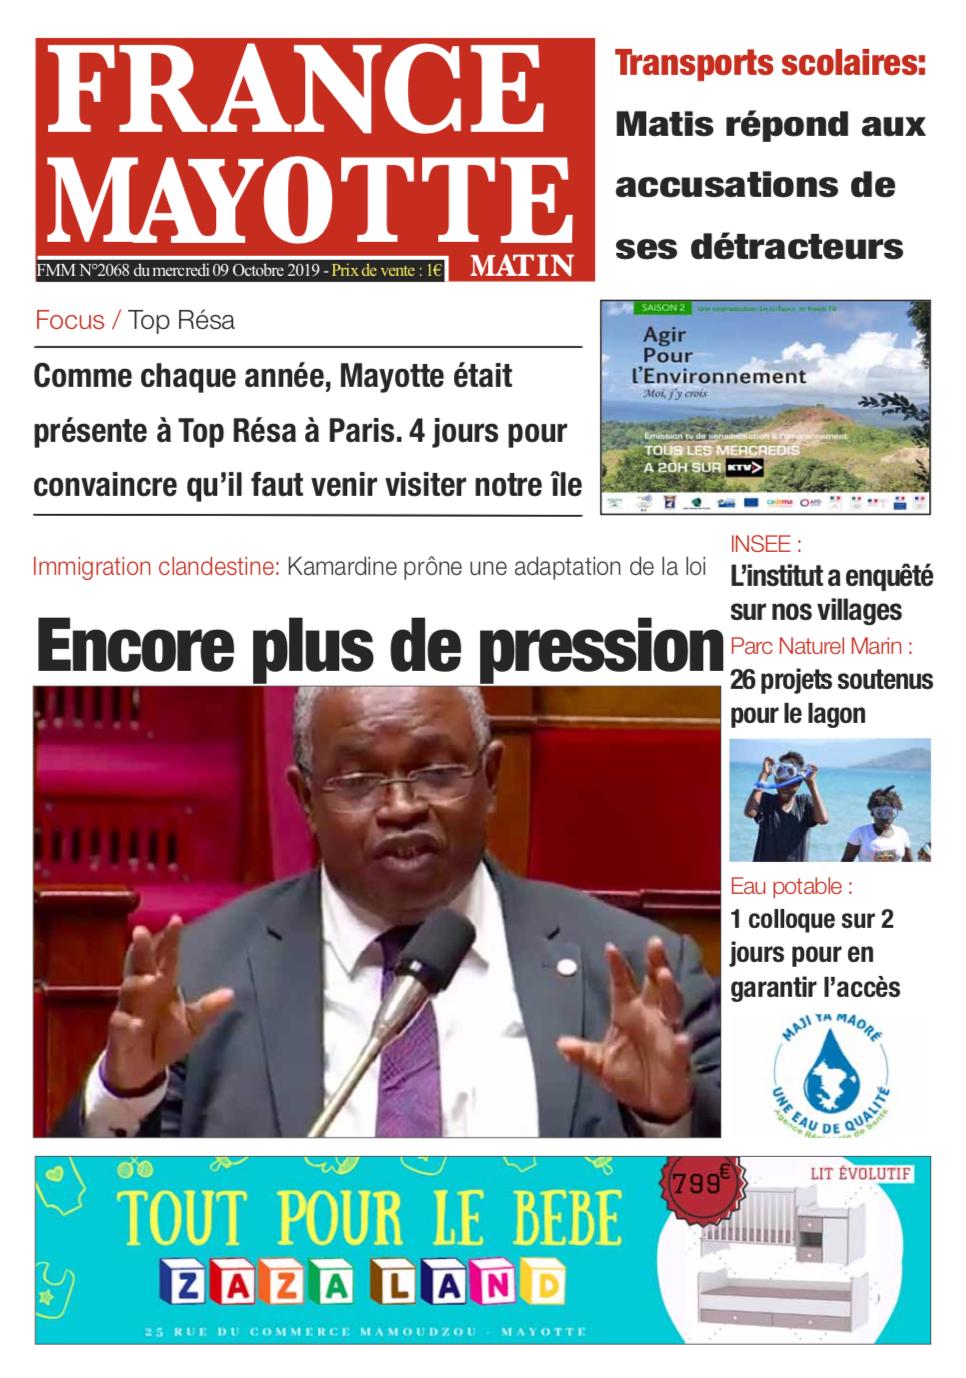 France Mayotte Mercredi 9 octobre 2019